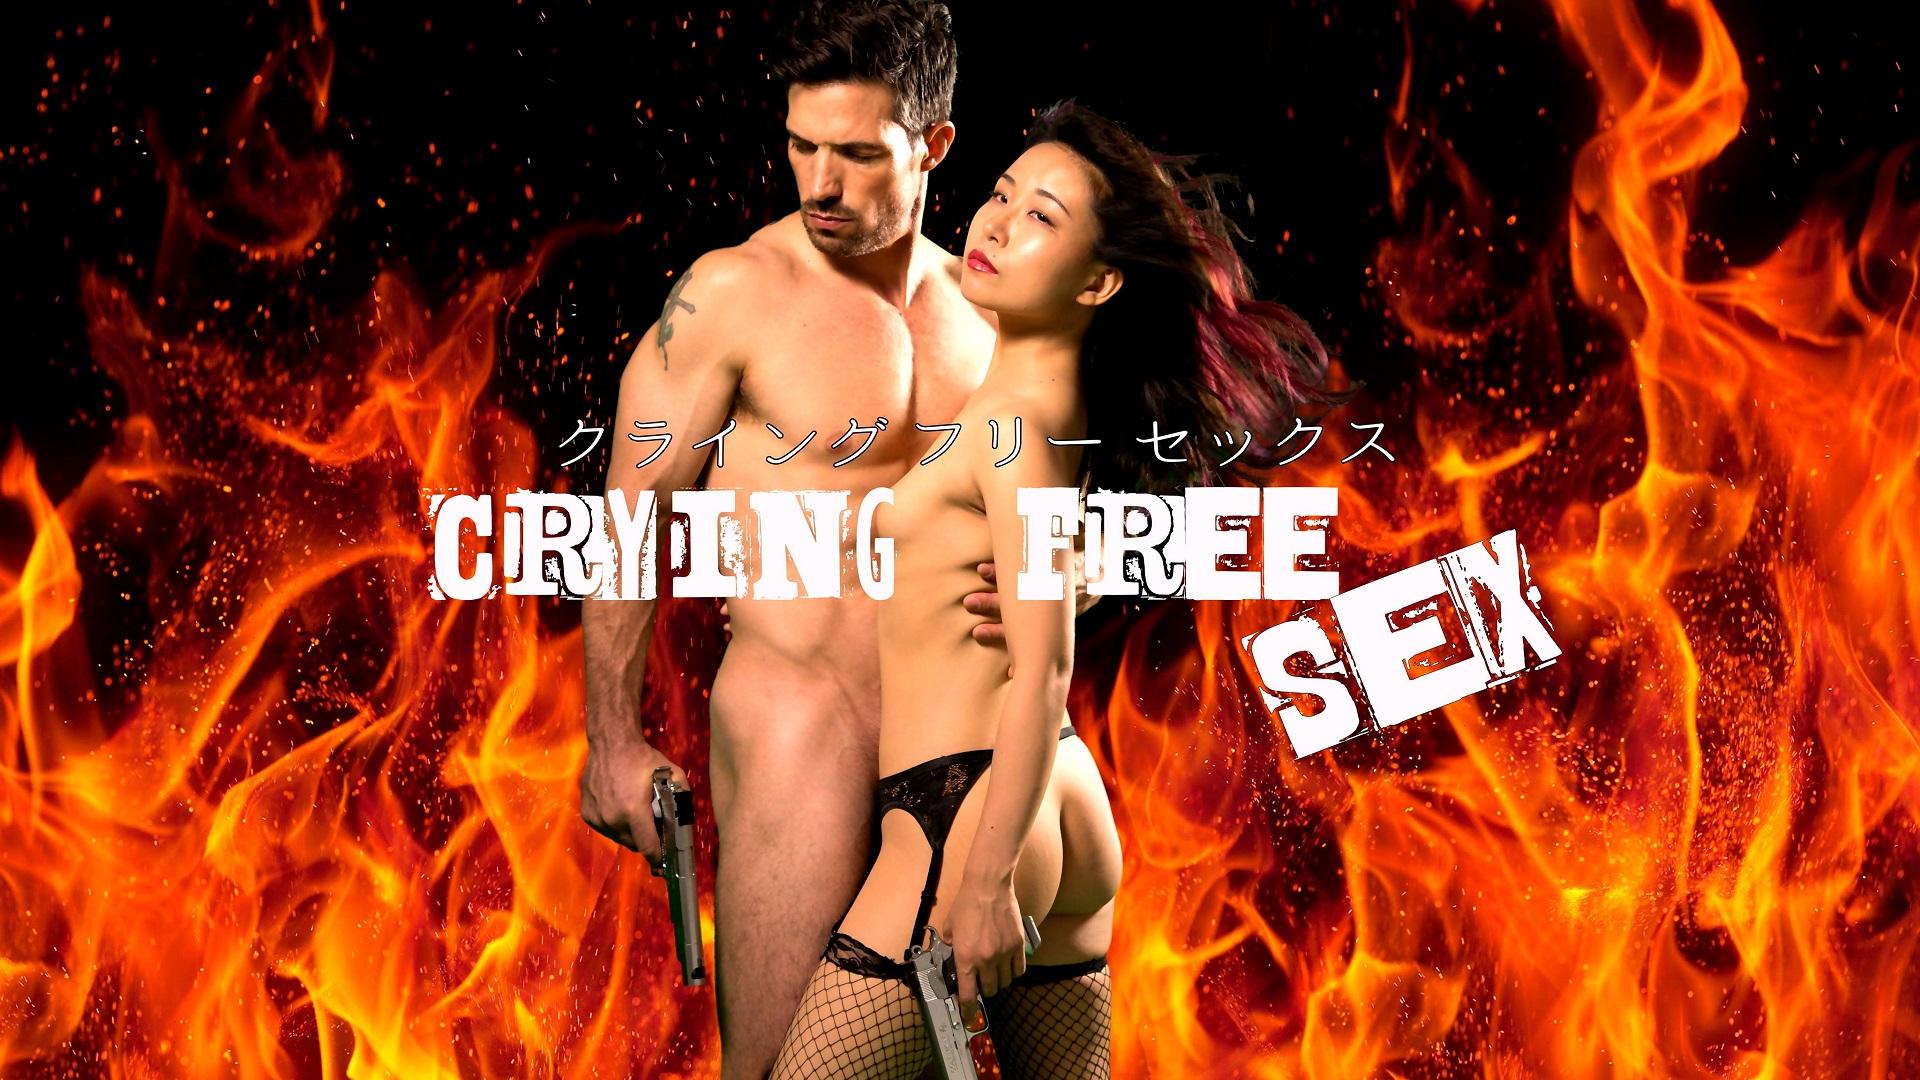 映画レビュー「クライング フリー セックス」